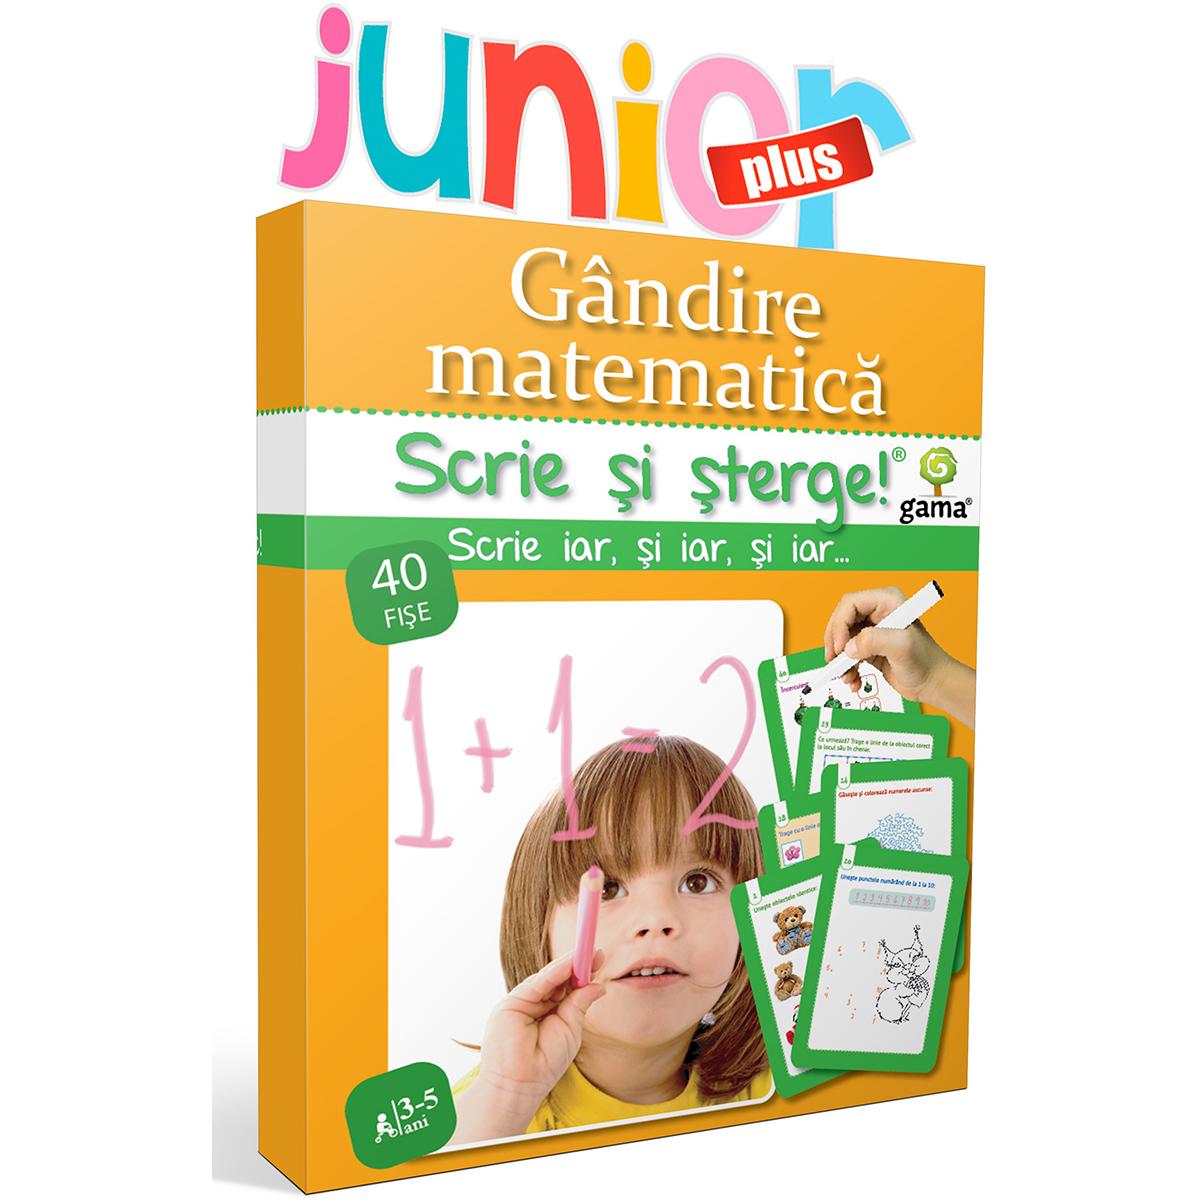 Editura Gama, Scrie si sterge Junior Plus, Gandire matematica 3-5 ani